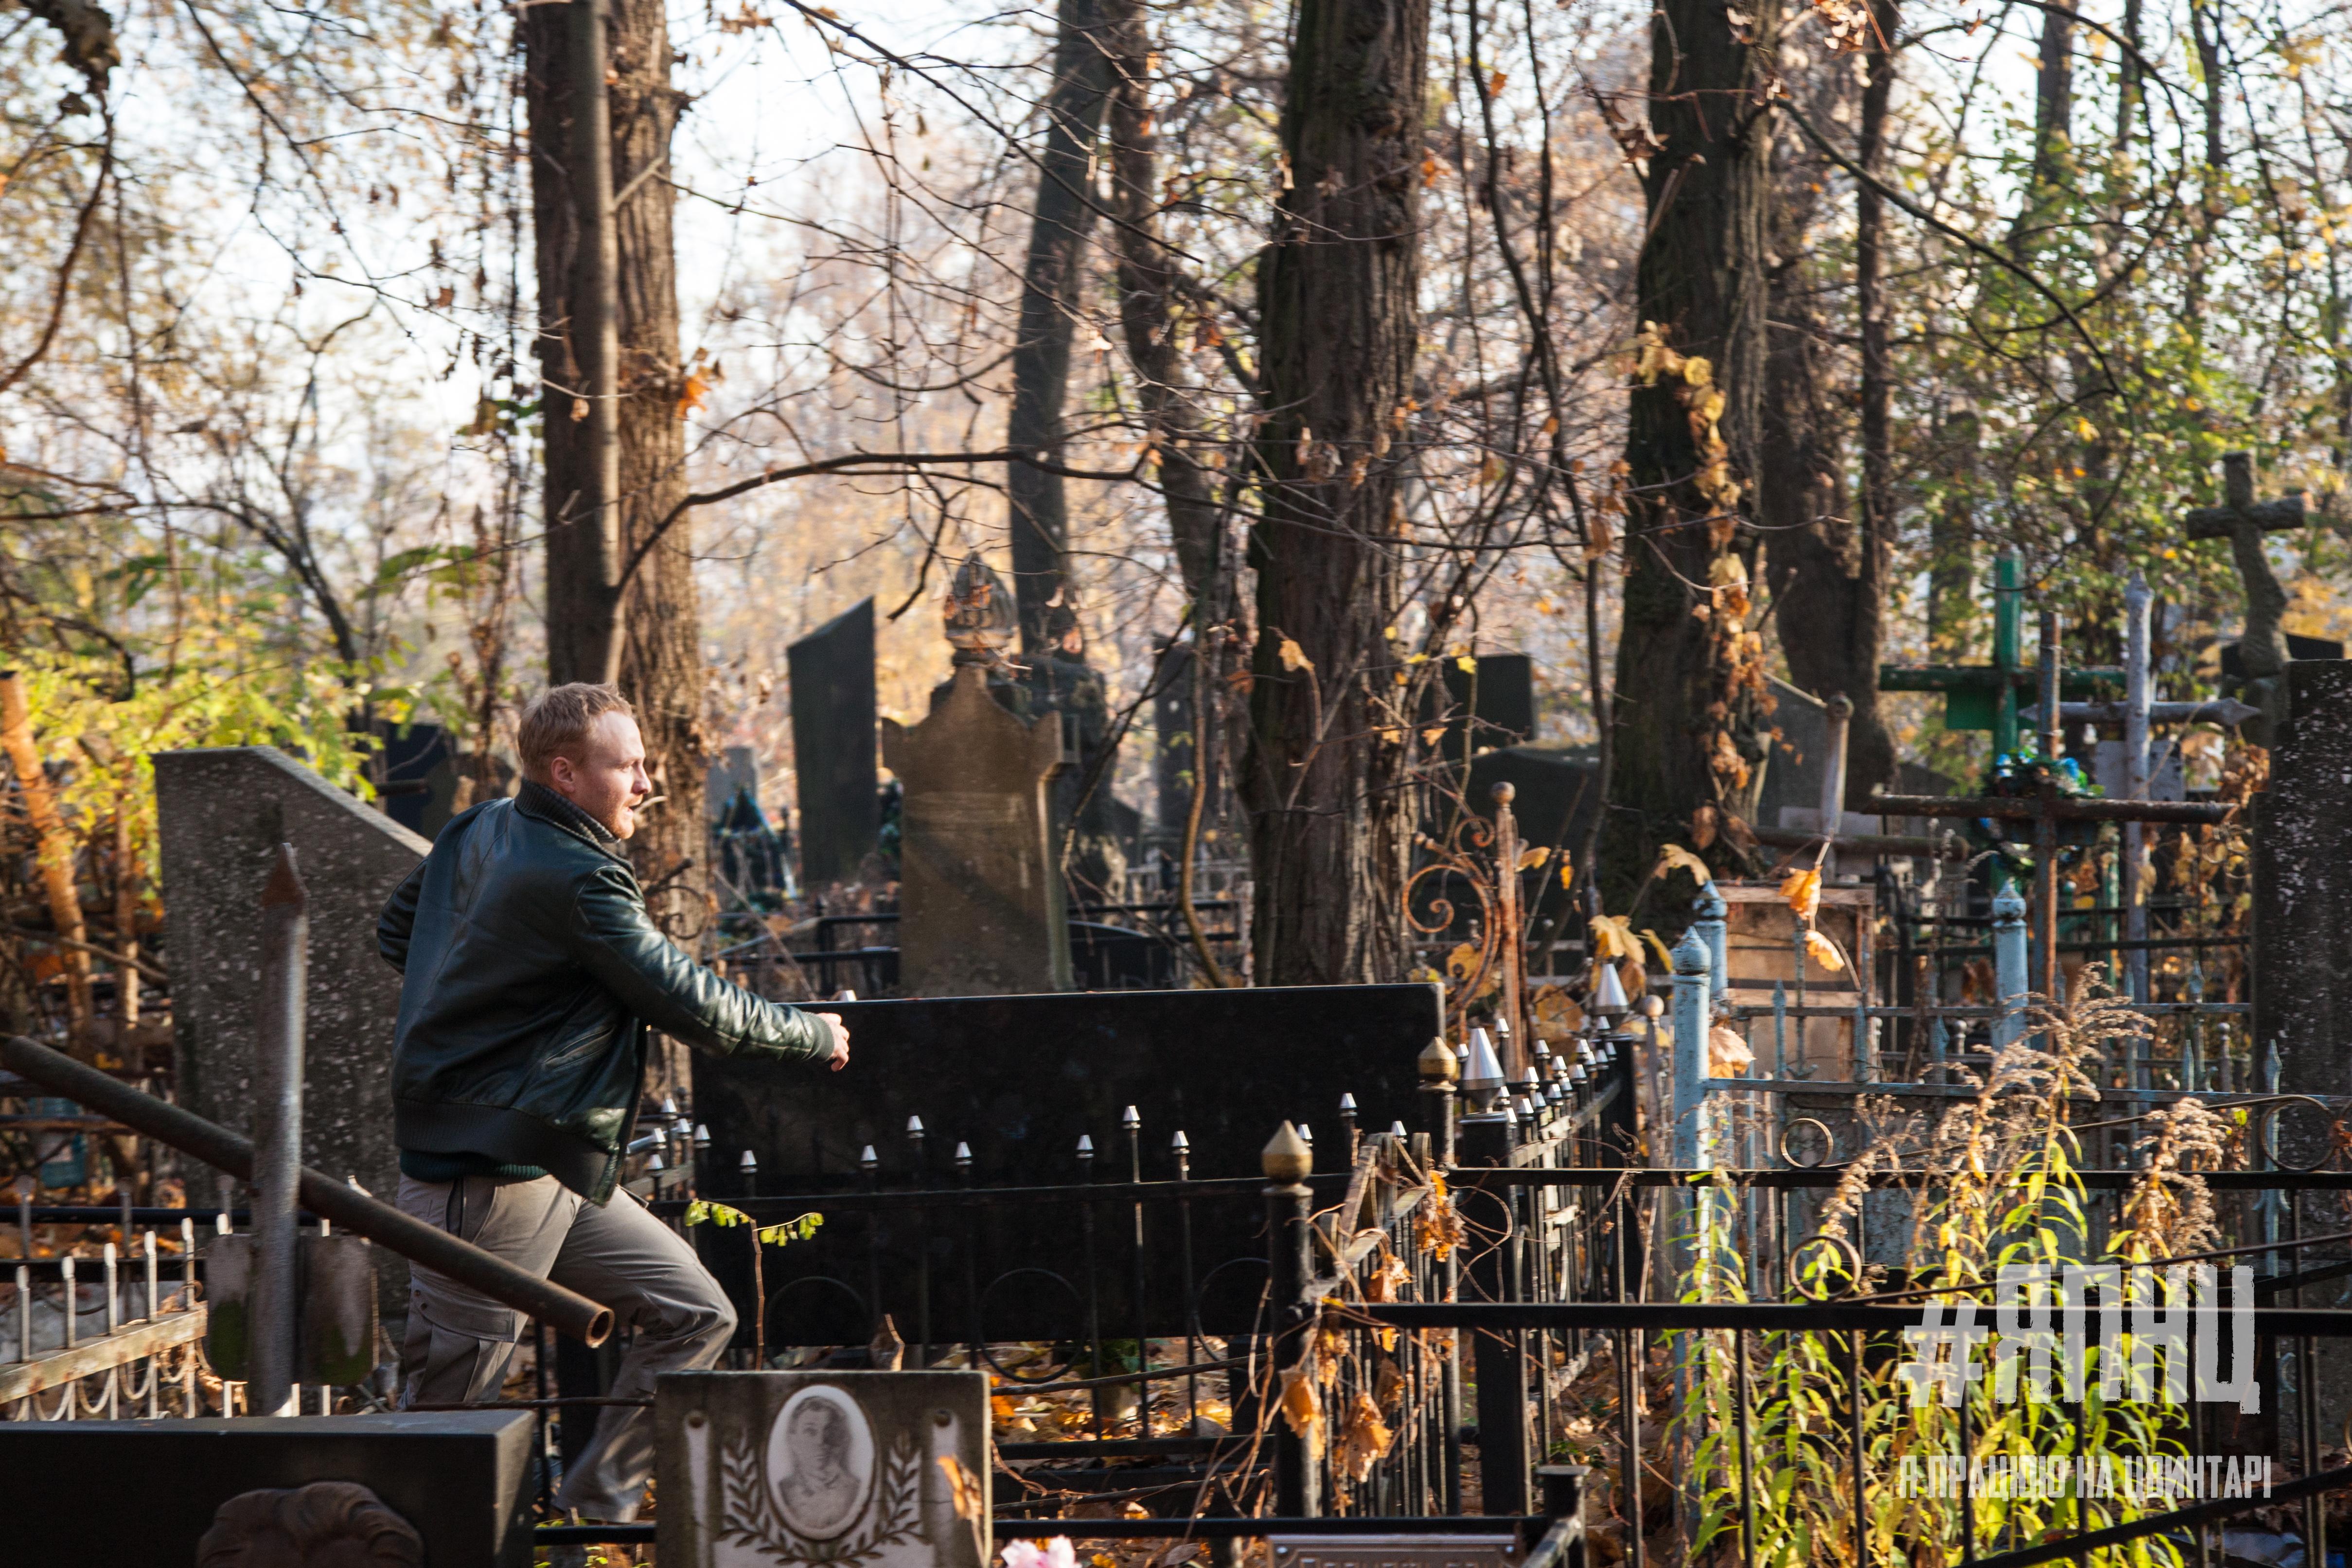 віталій салій фільм кіно актор я працюю на цвинтарі